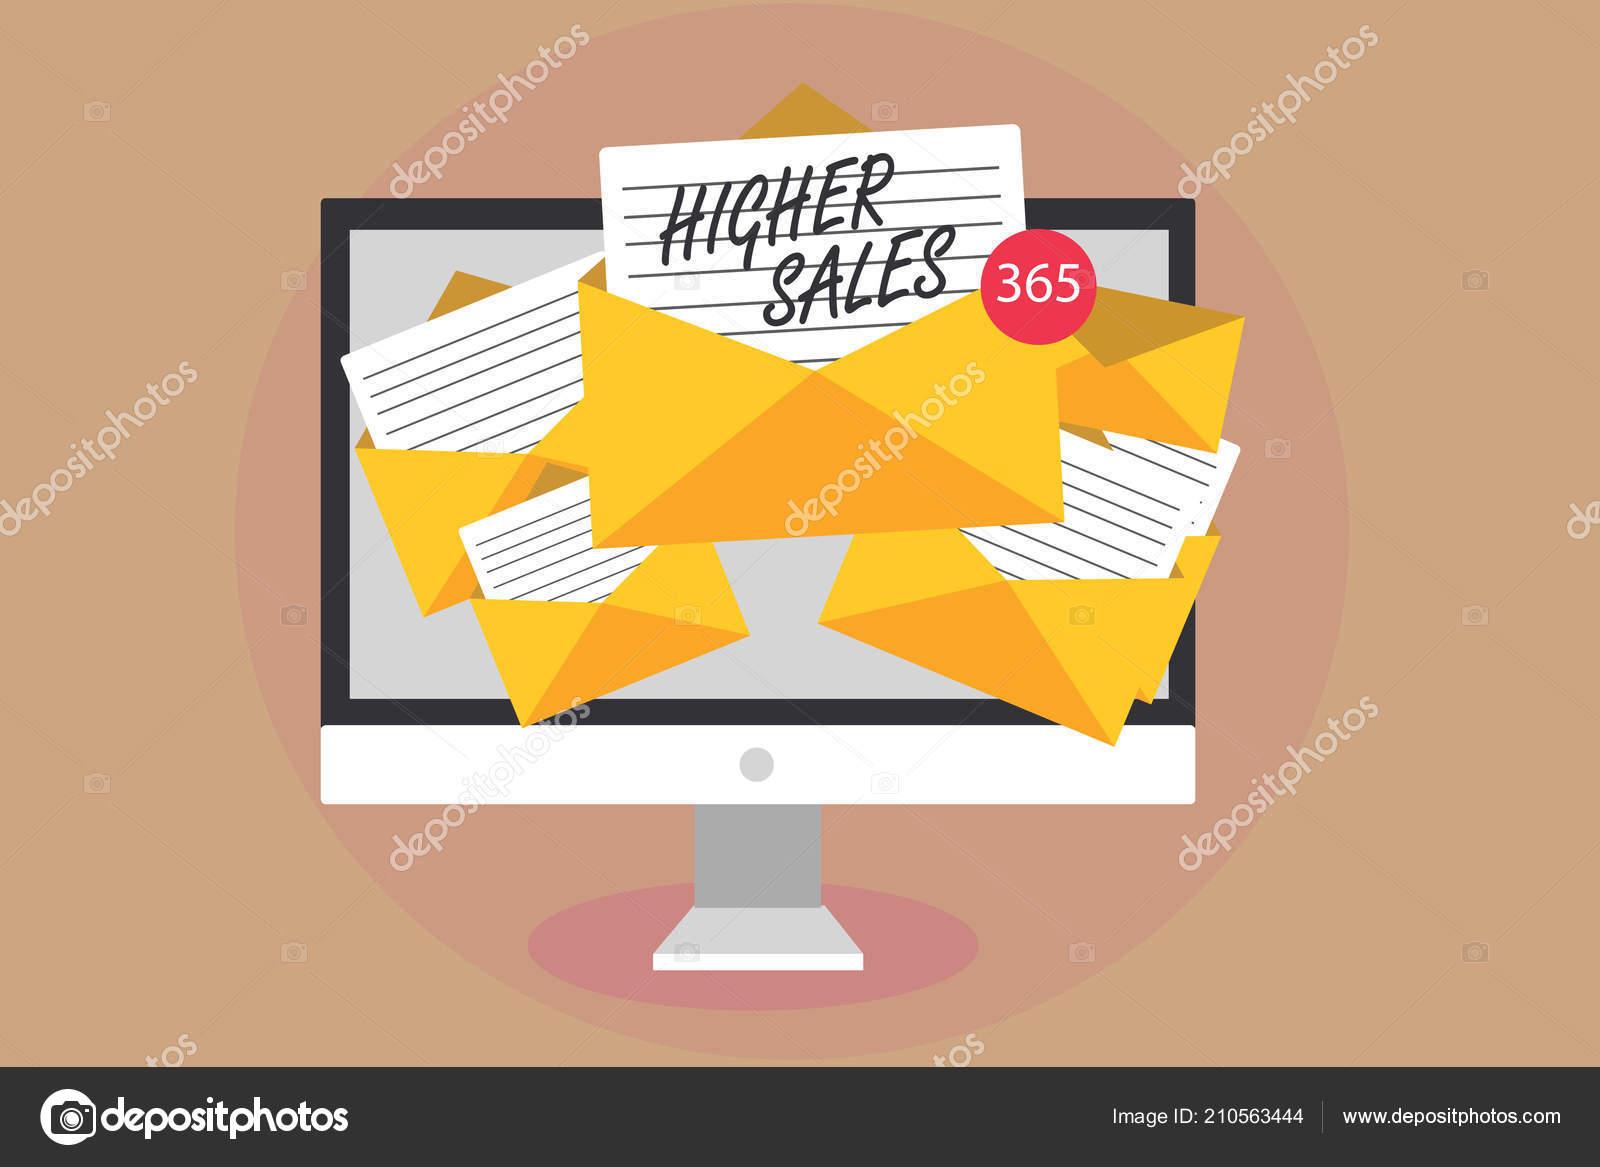 26e9b5290 Slovo, psaní textu vyšší tržby. Obchodní koncept pro průměrného prodávají  produkty a služby společnosti rozrostla počítač, který přijímá e-maily  důležité ...